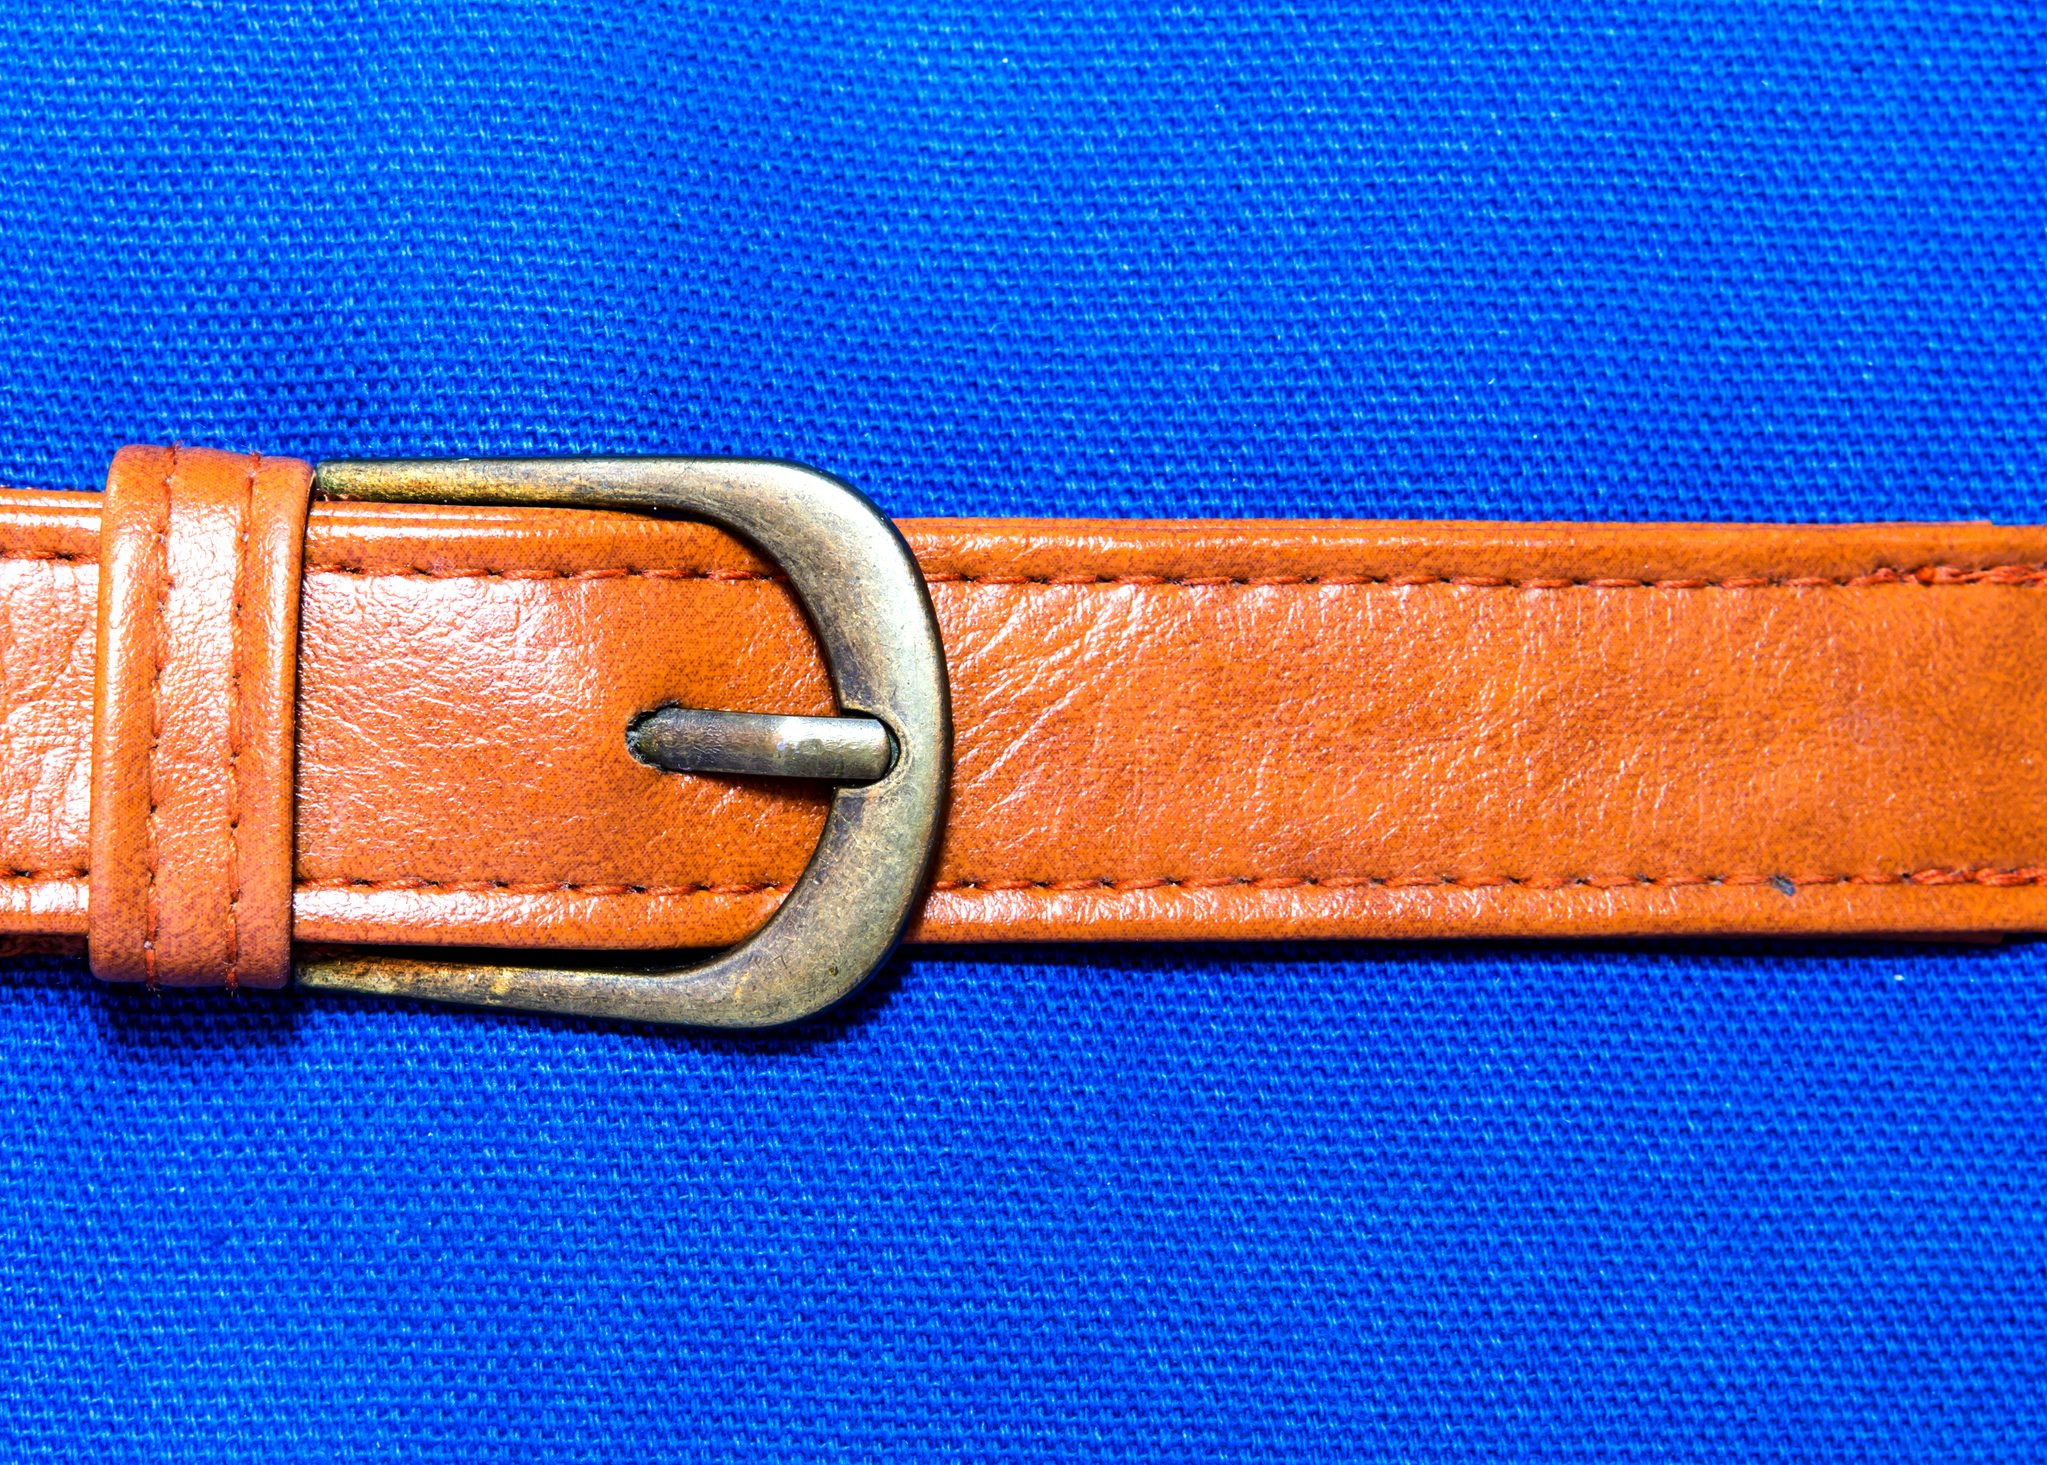 Close-Up Of Belt On Blue Background